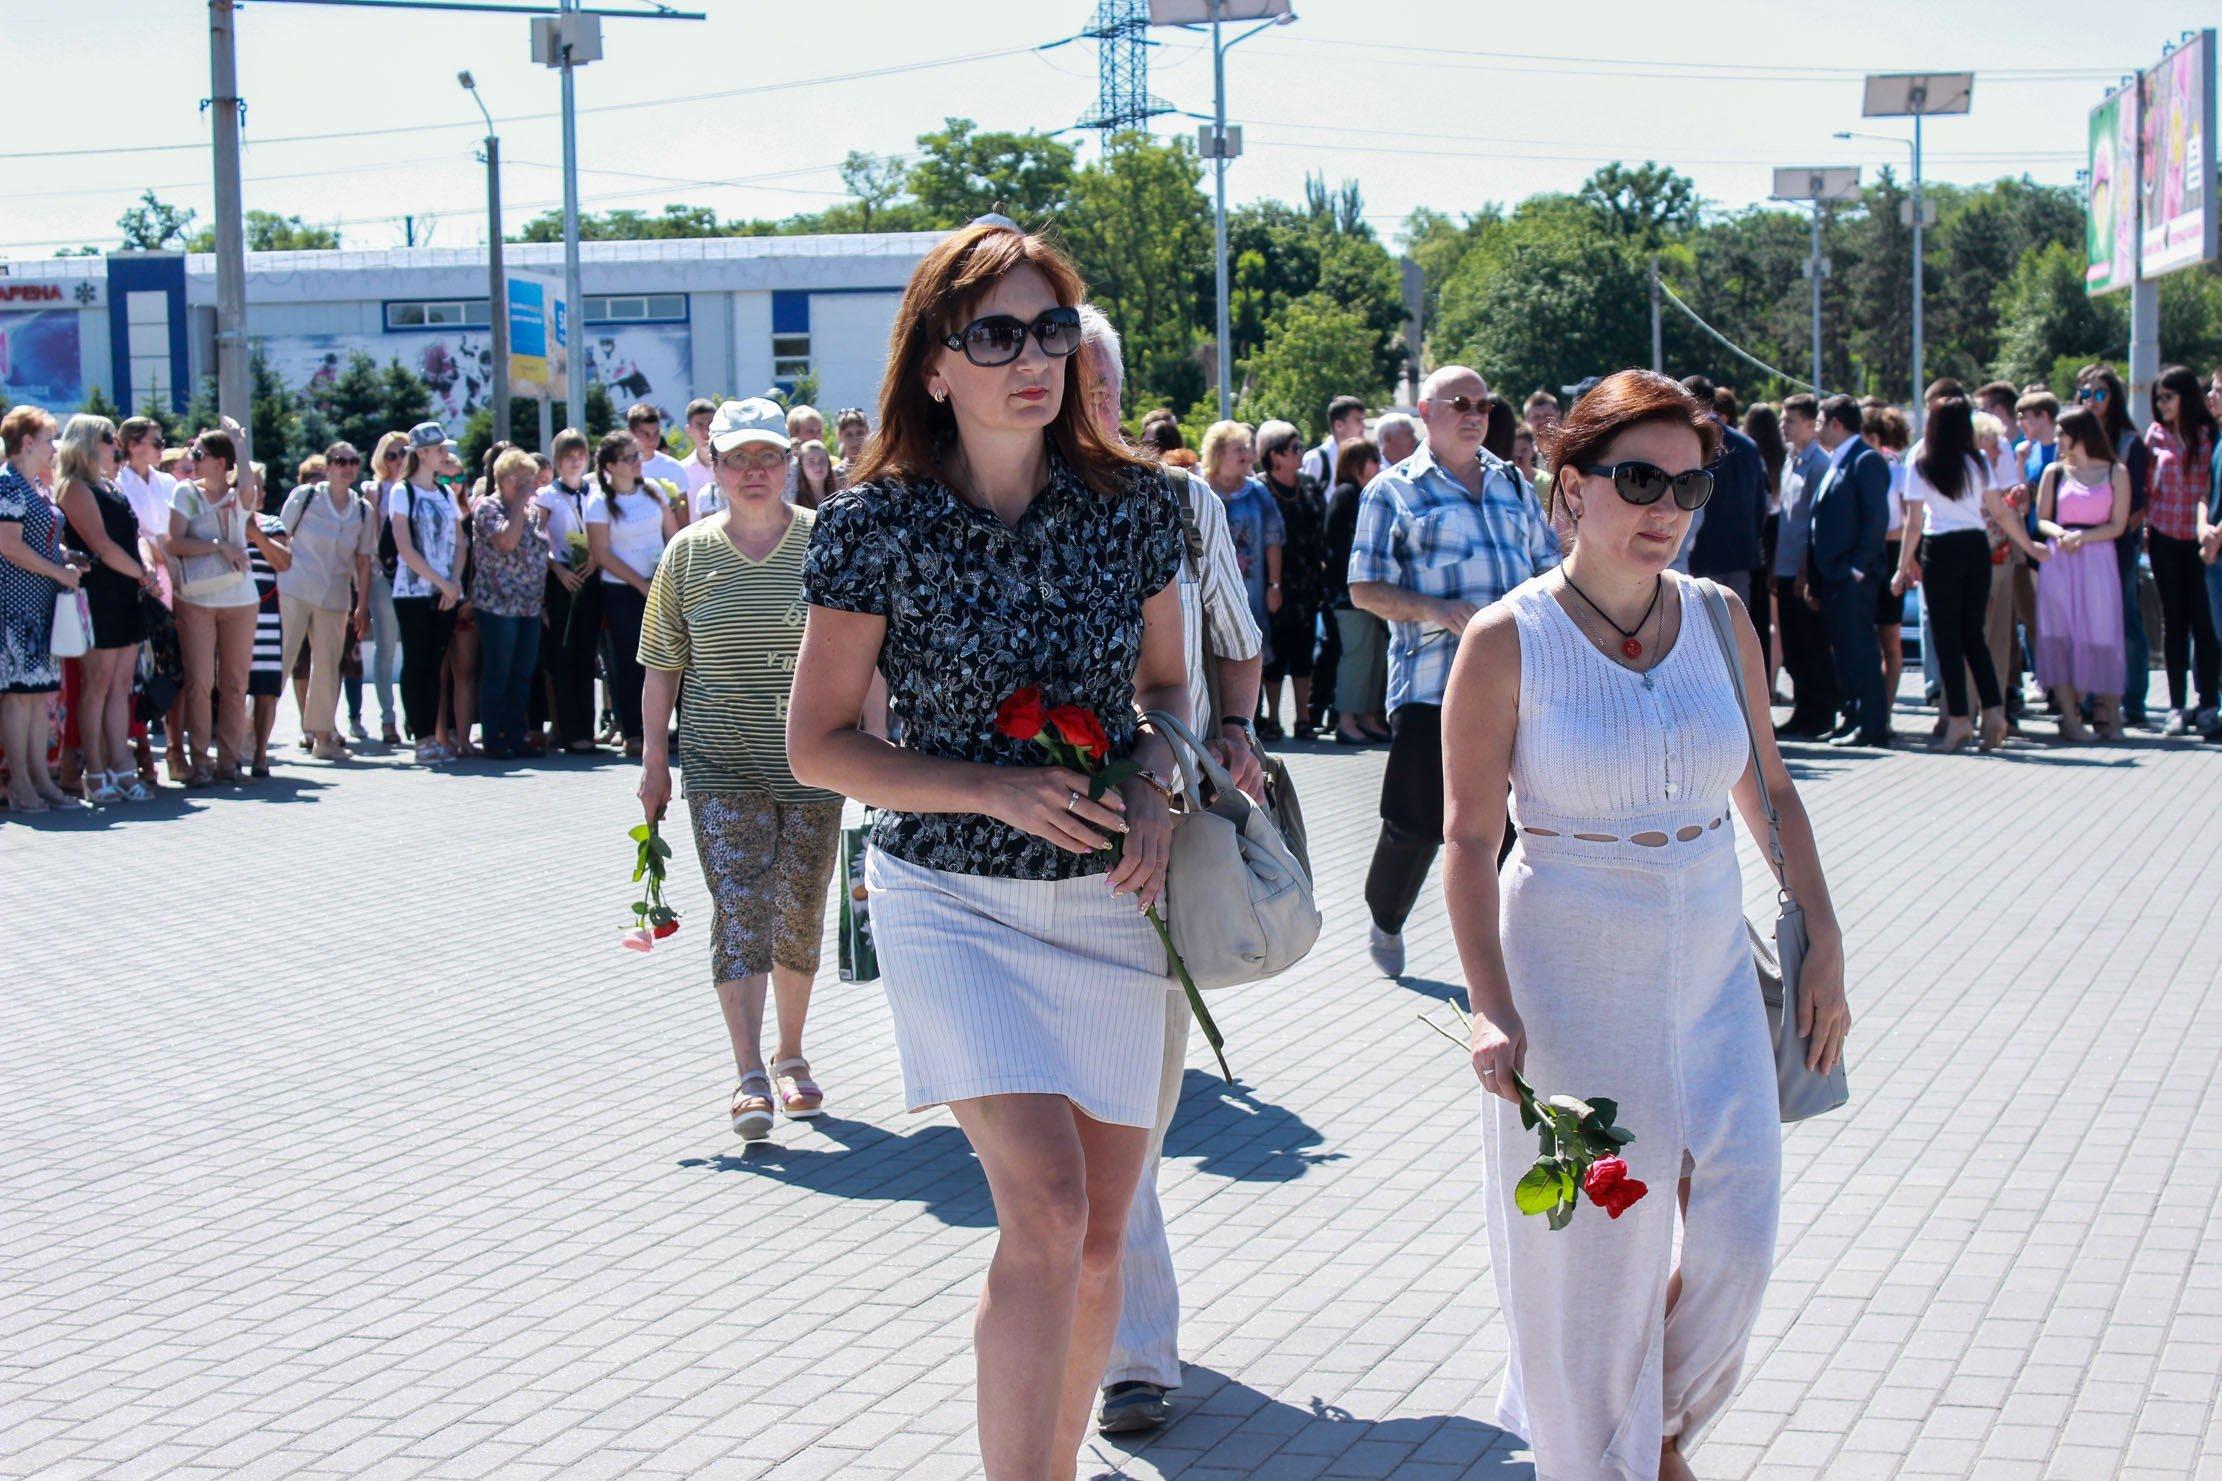 Пам'ять жертв Другої світової війни вшанували на Дніпропетровщині_7